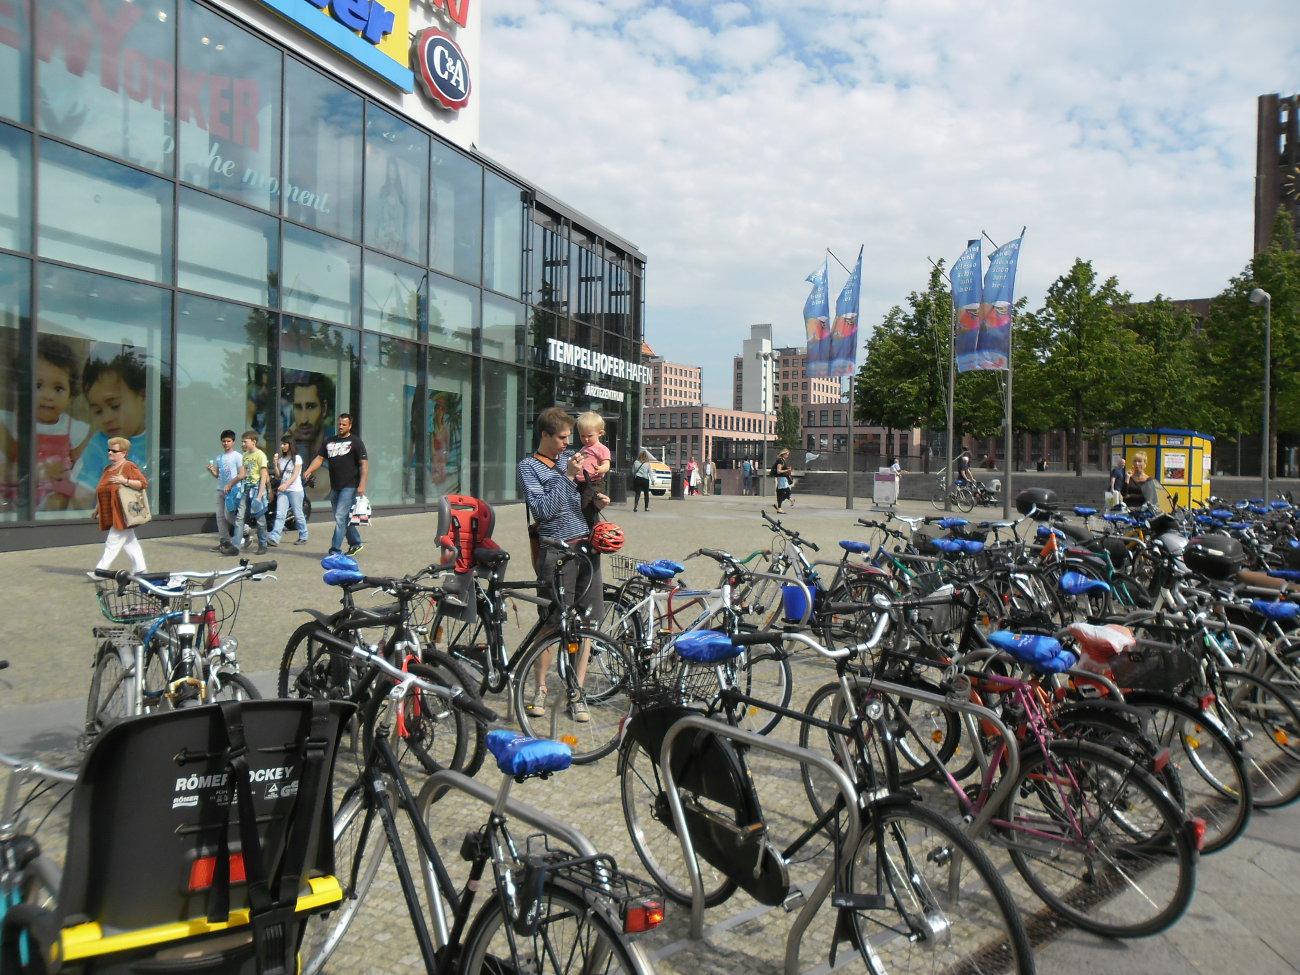 Sattel-Werbung - BikeCaps in der Innenstadt vor einem Einkaufszentrum - Fahrradwerbung